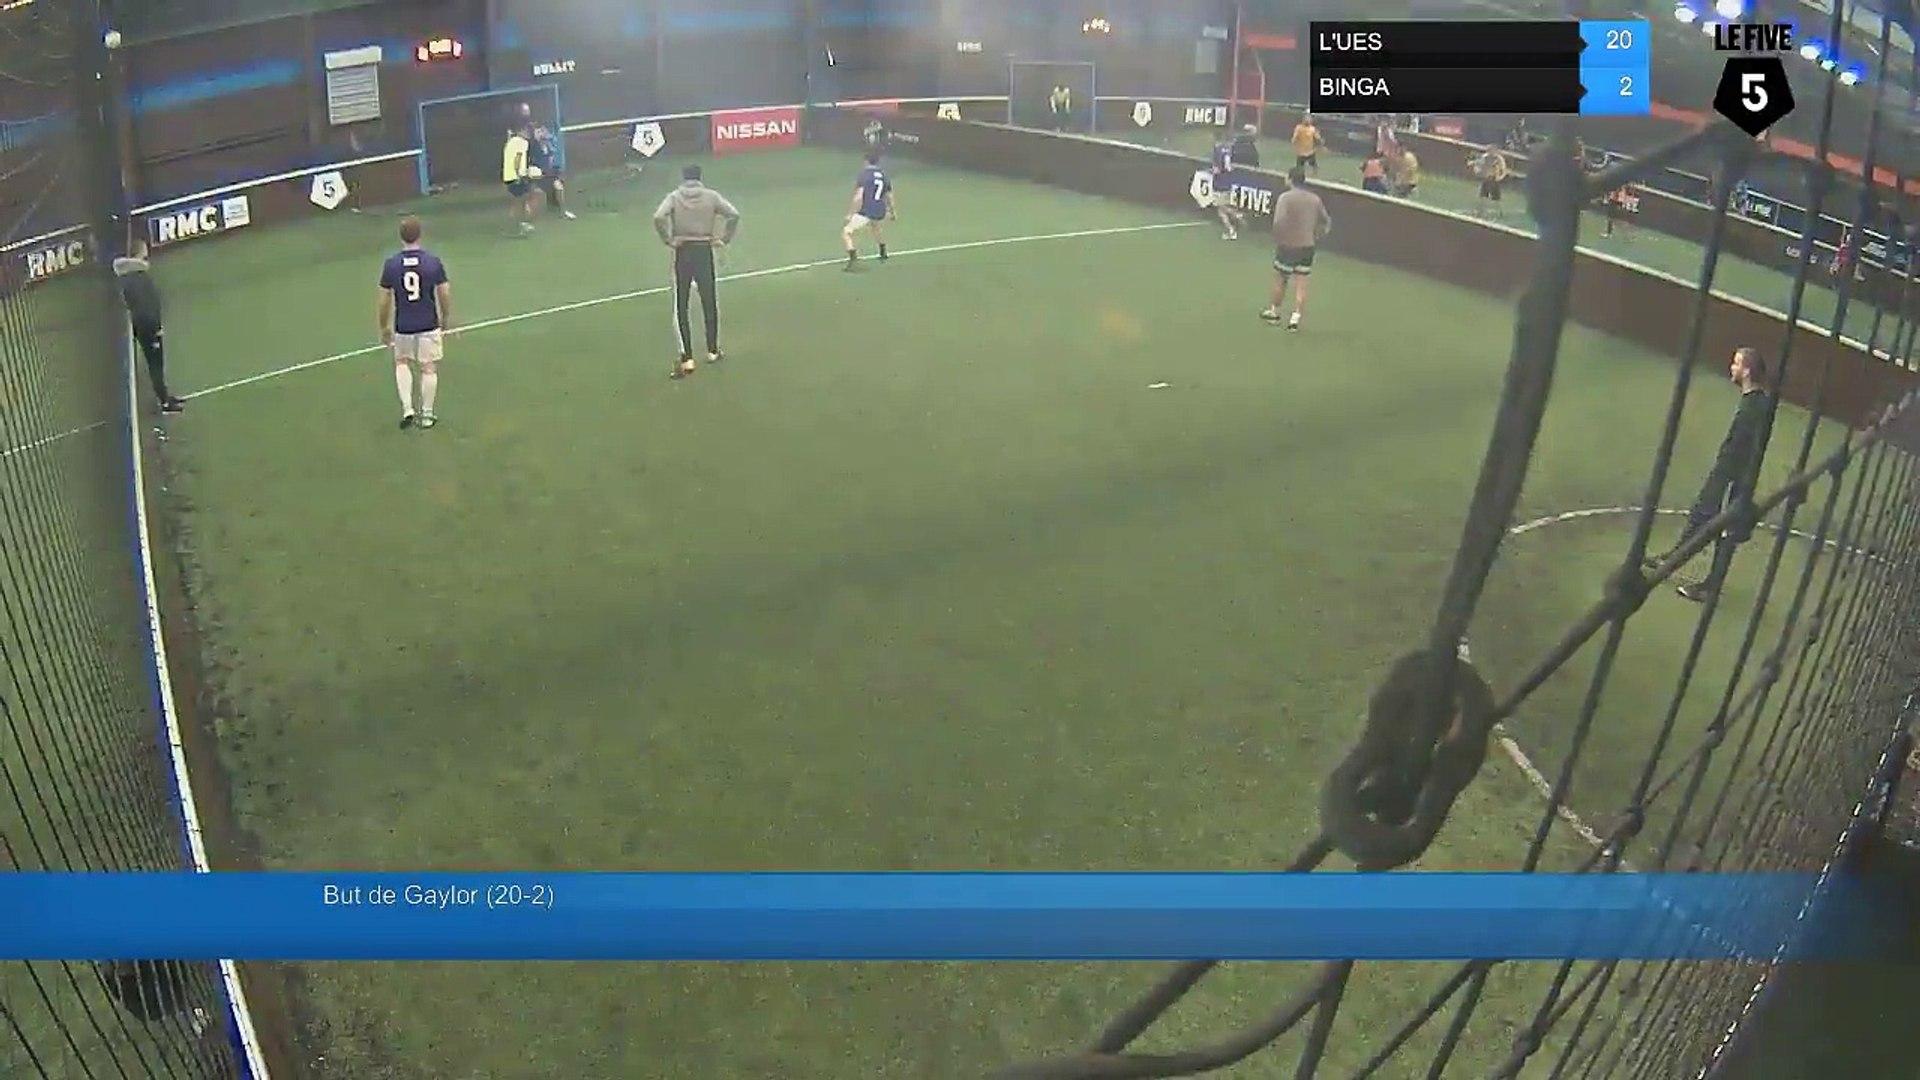 But de Gaylor (20-2) - L'UES Vs BINGA - 12/12/17 19:00 - Paris (La Chapelle) (LeFive) Soccer Pa